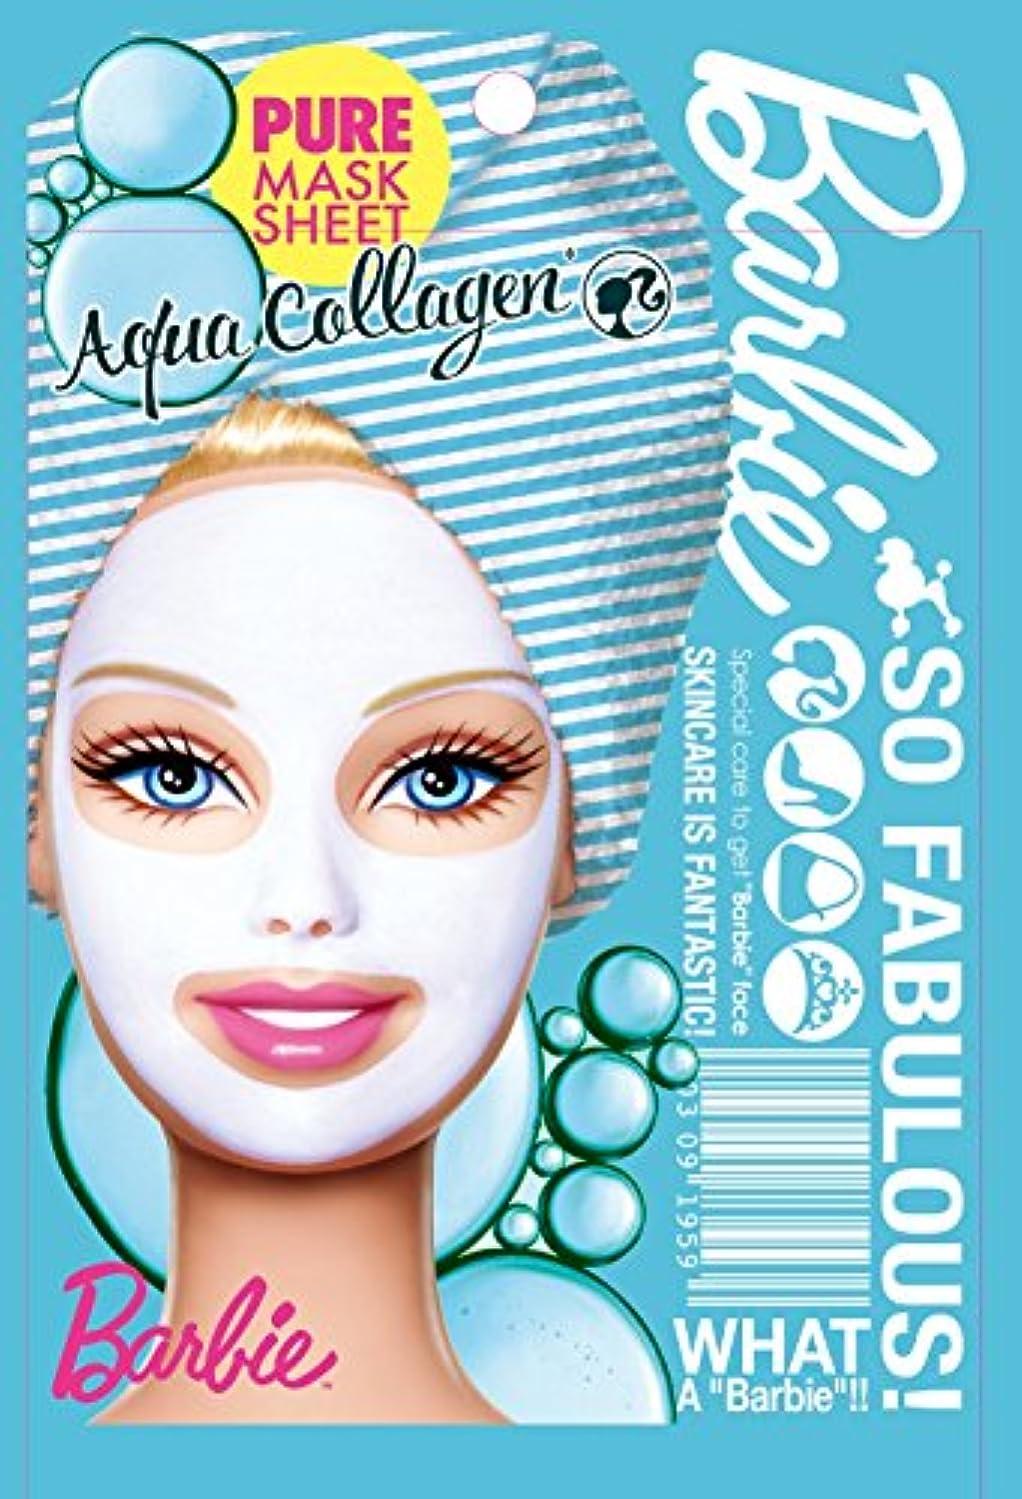 蒸発同等の文明化するバービー ピュアマスクシートN AQ(アクアコラーゲン)《25ml》